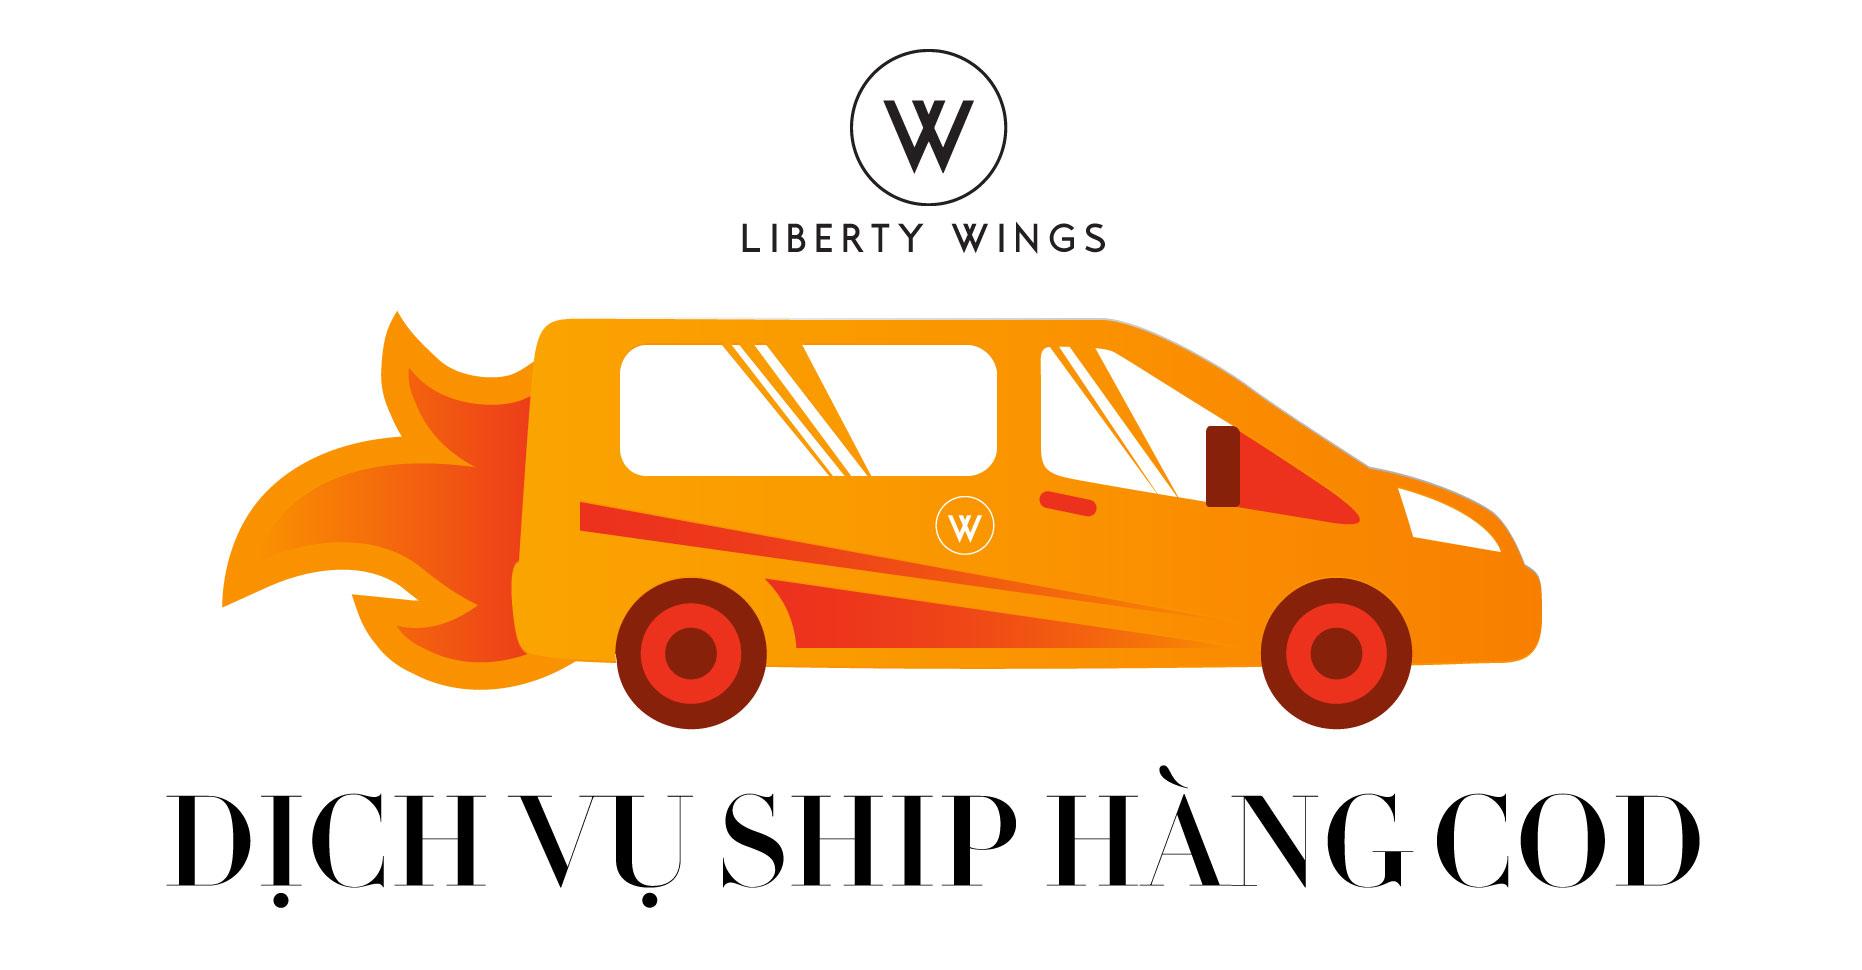 dịch vụ ship hàng cod của liberty wings